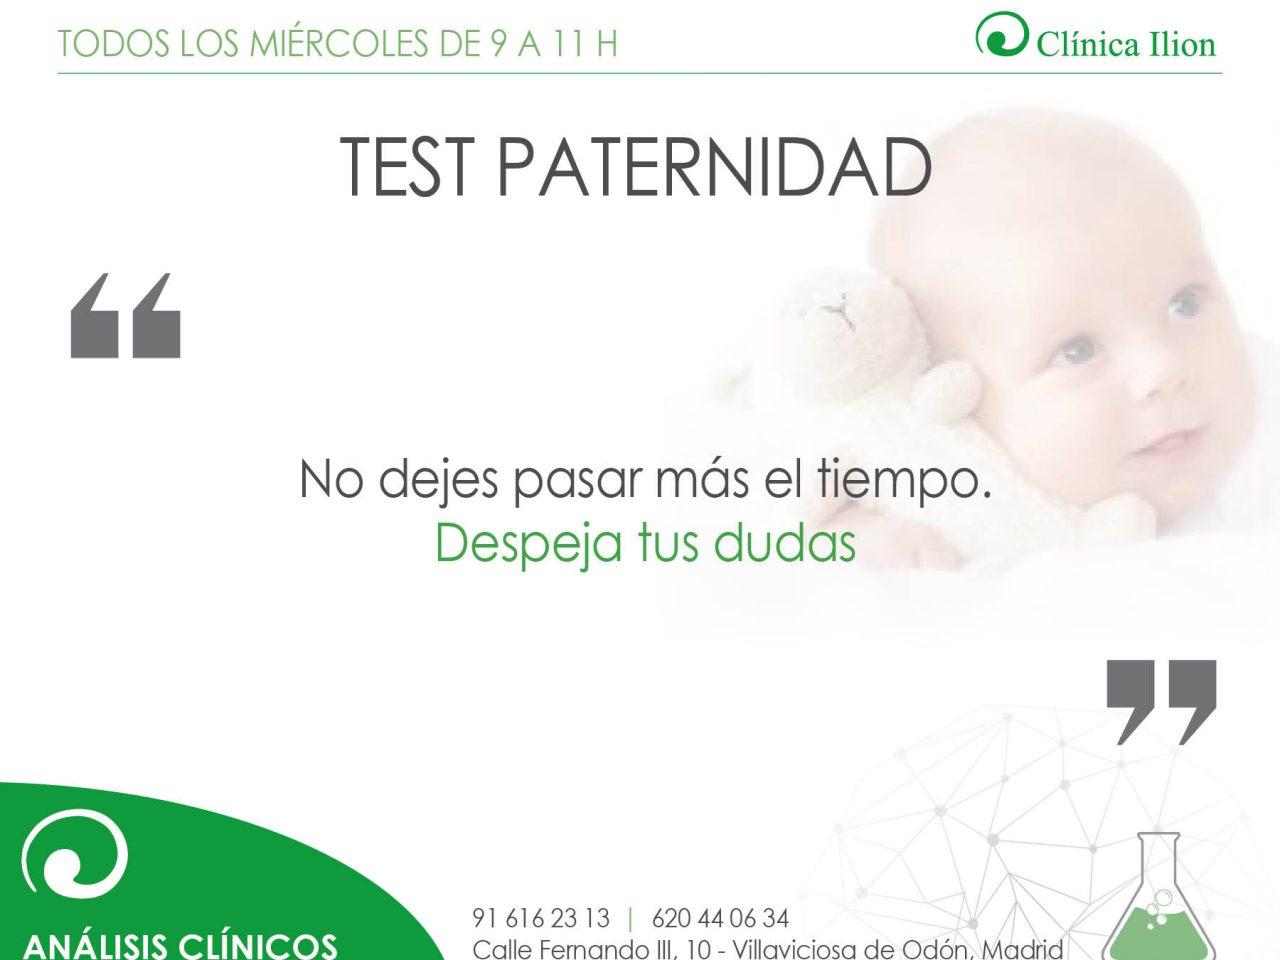 clinica de analisis_ANALÍTICAS_villaviciosa de odon, madrid - analiticas medicas en villaviciosa de odon2